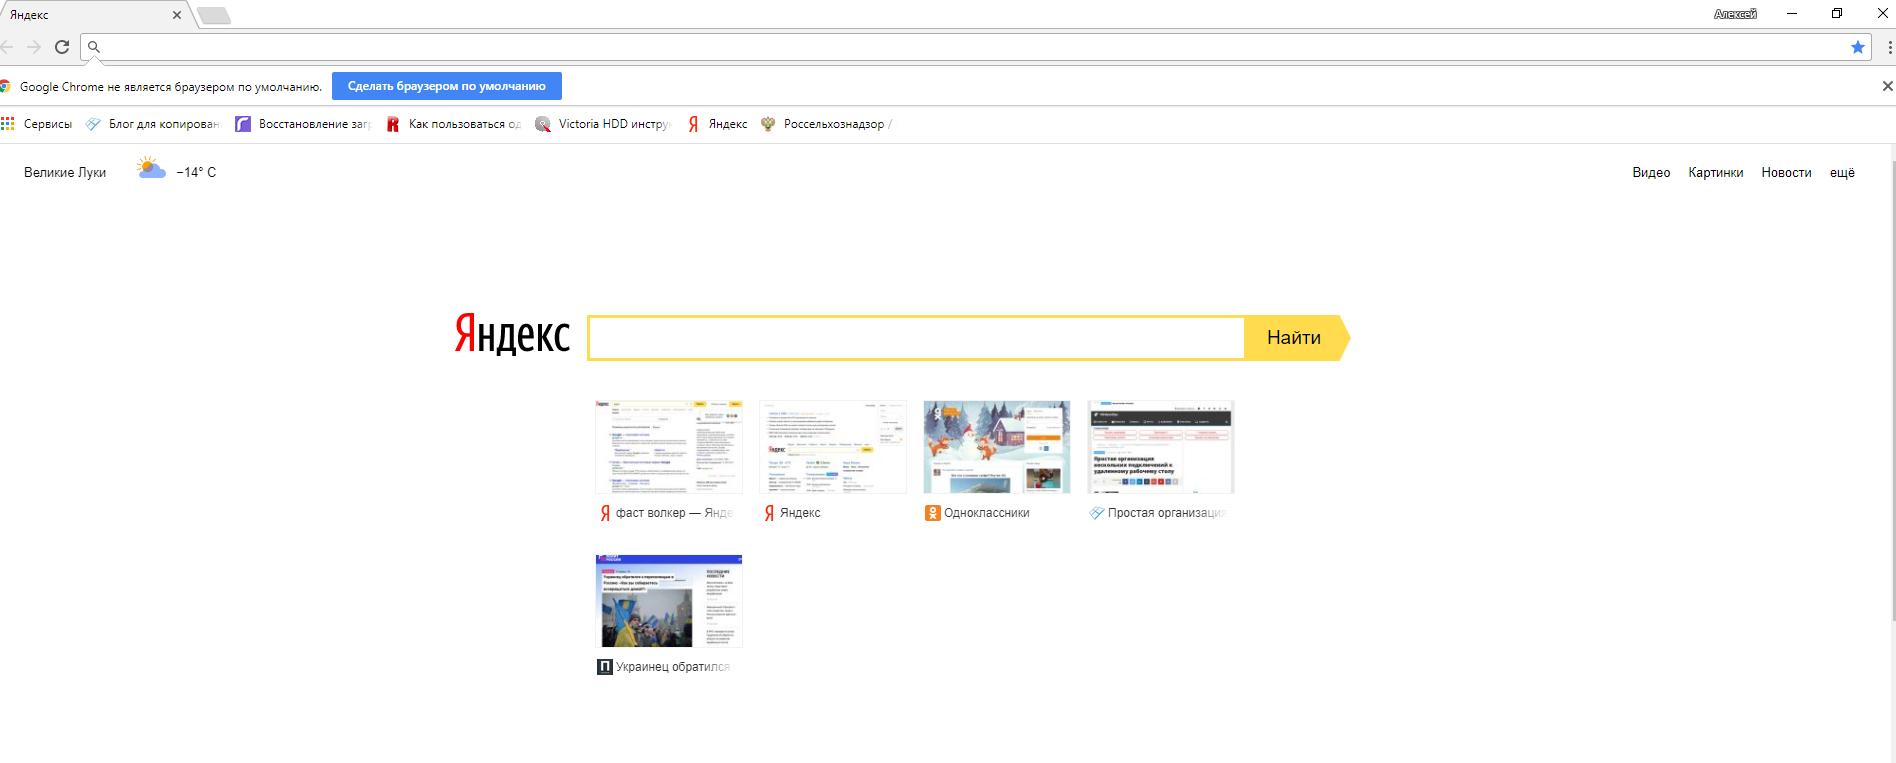 Как искать в Гугле (Google) 51